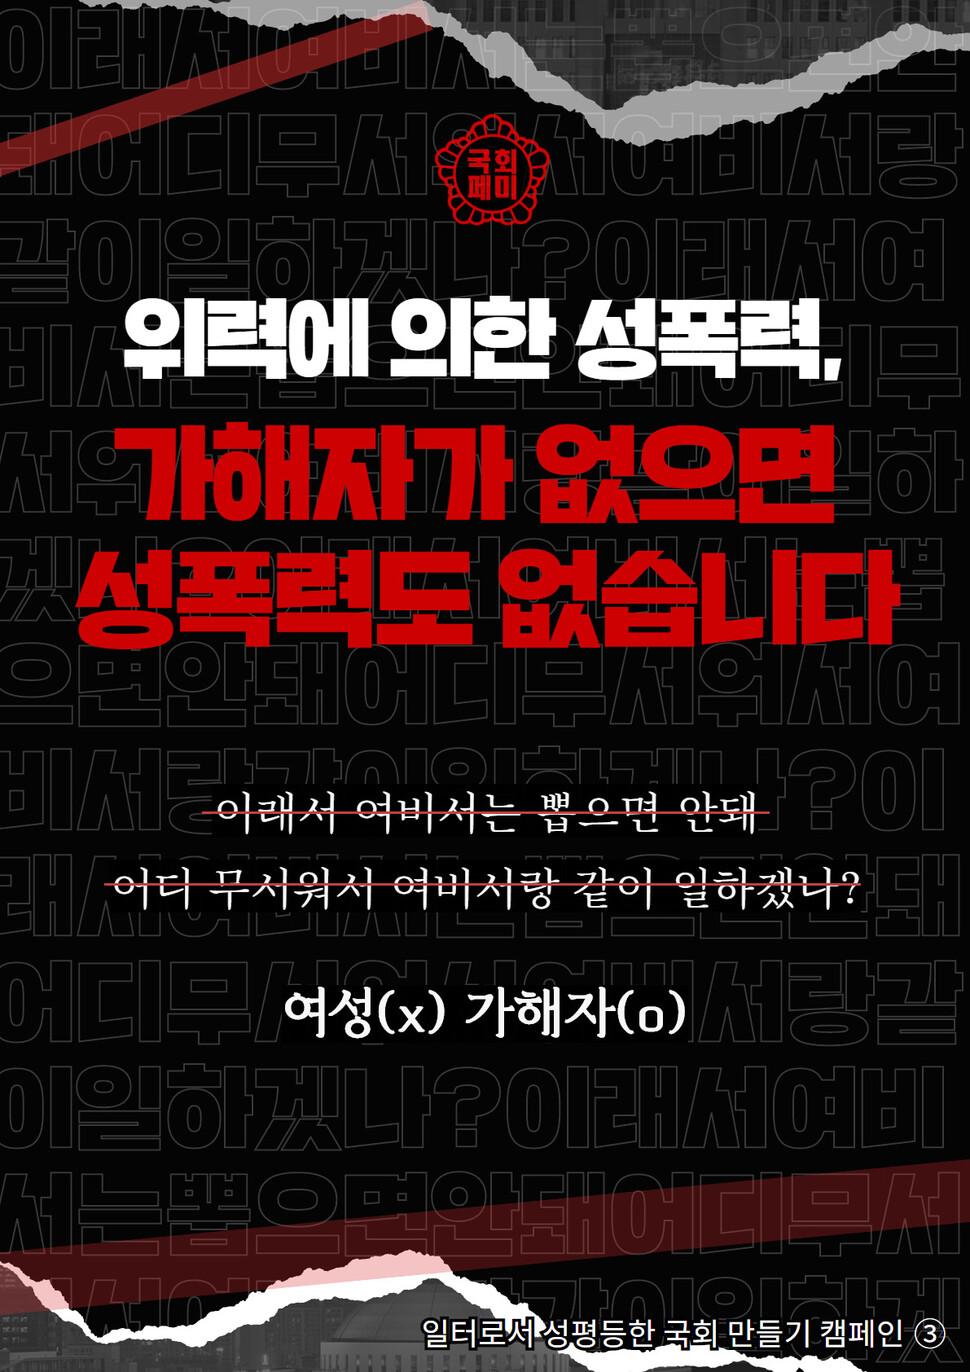 국회 내 여성 페미니스트 노동자들의 모임 '국회페미'의 '위력에 의한 성폭력 근절 캠페인' 포스터. 국회페미 제공